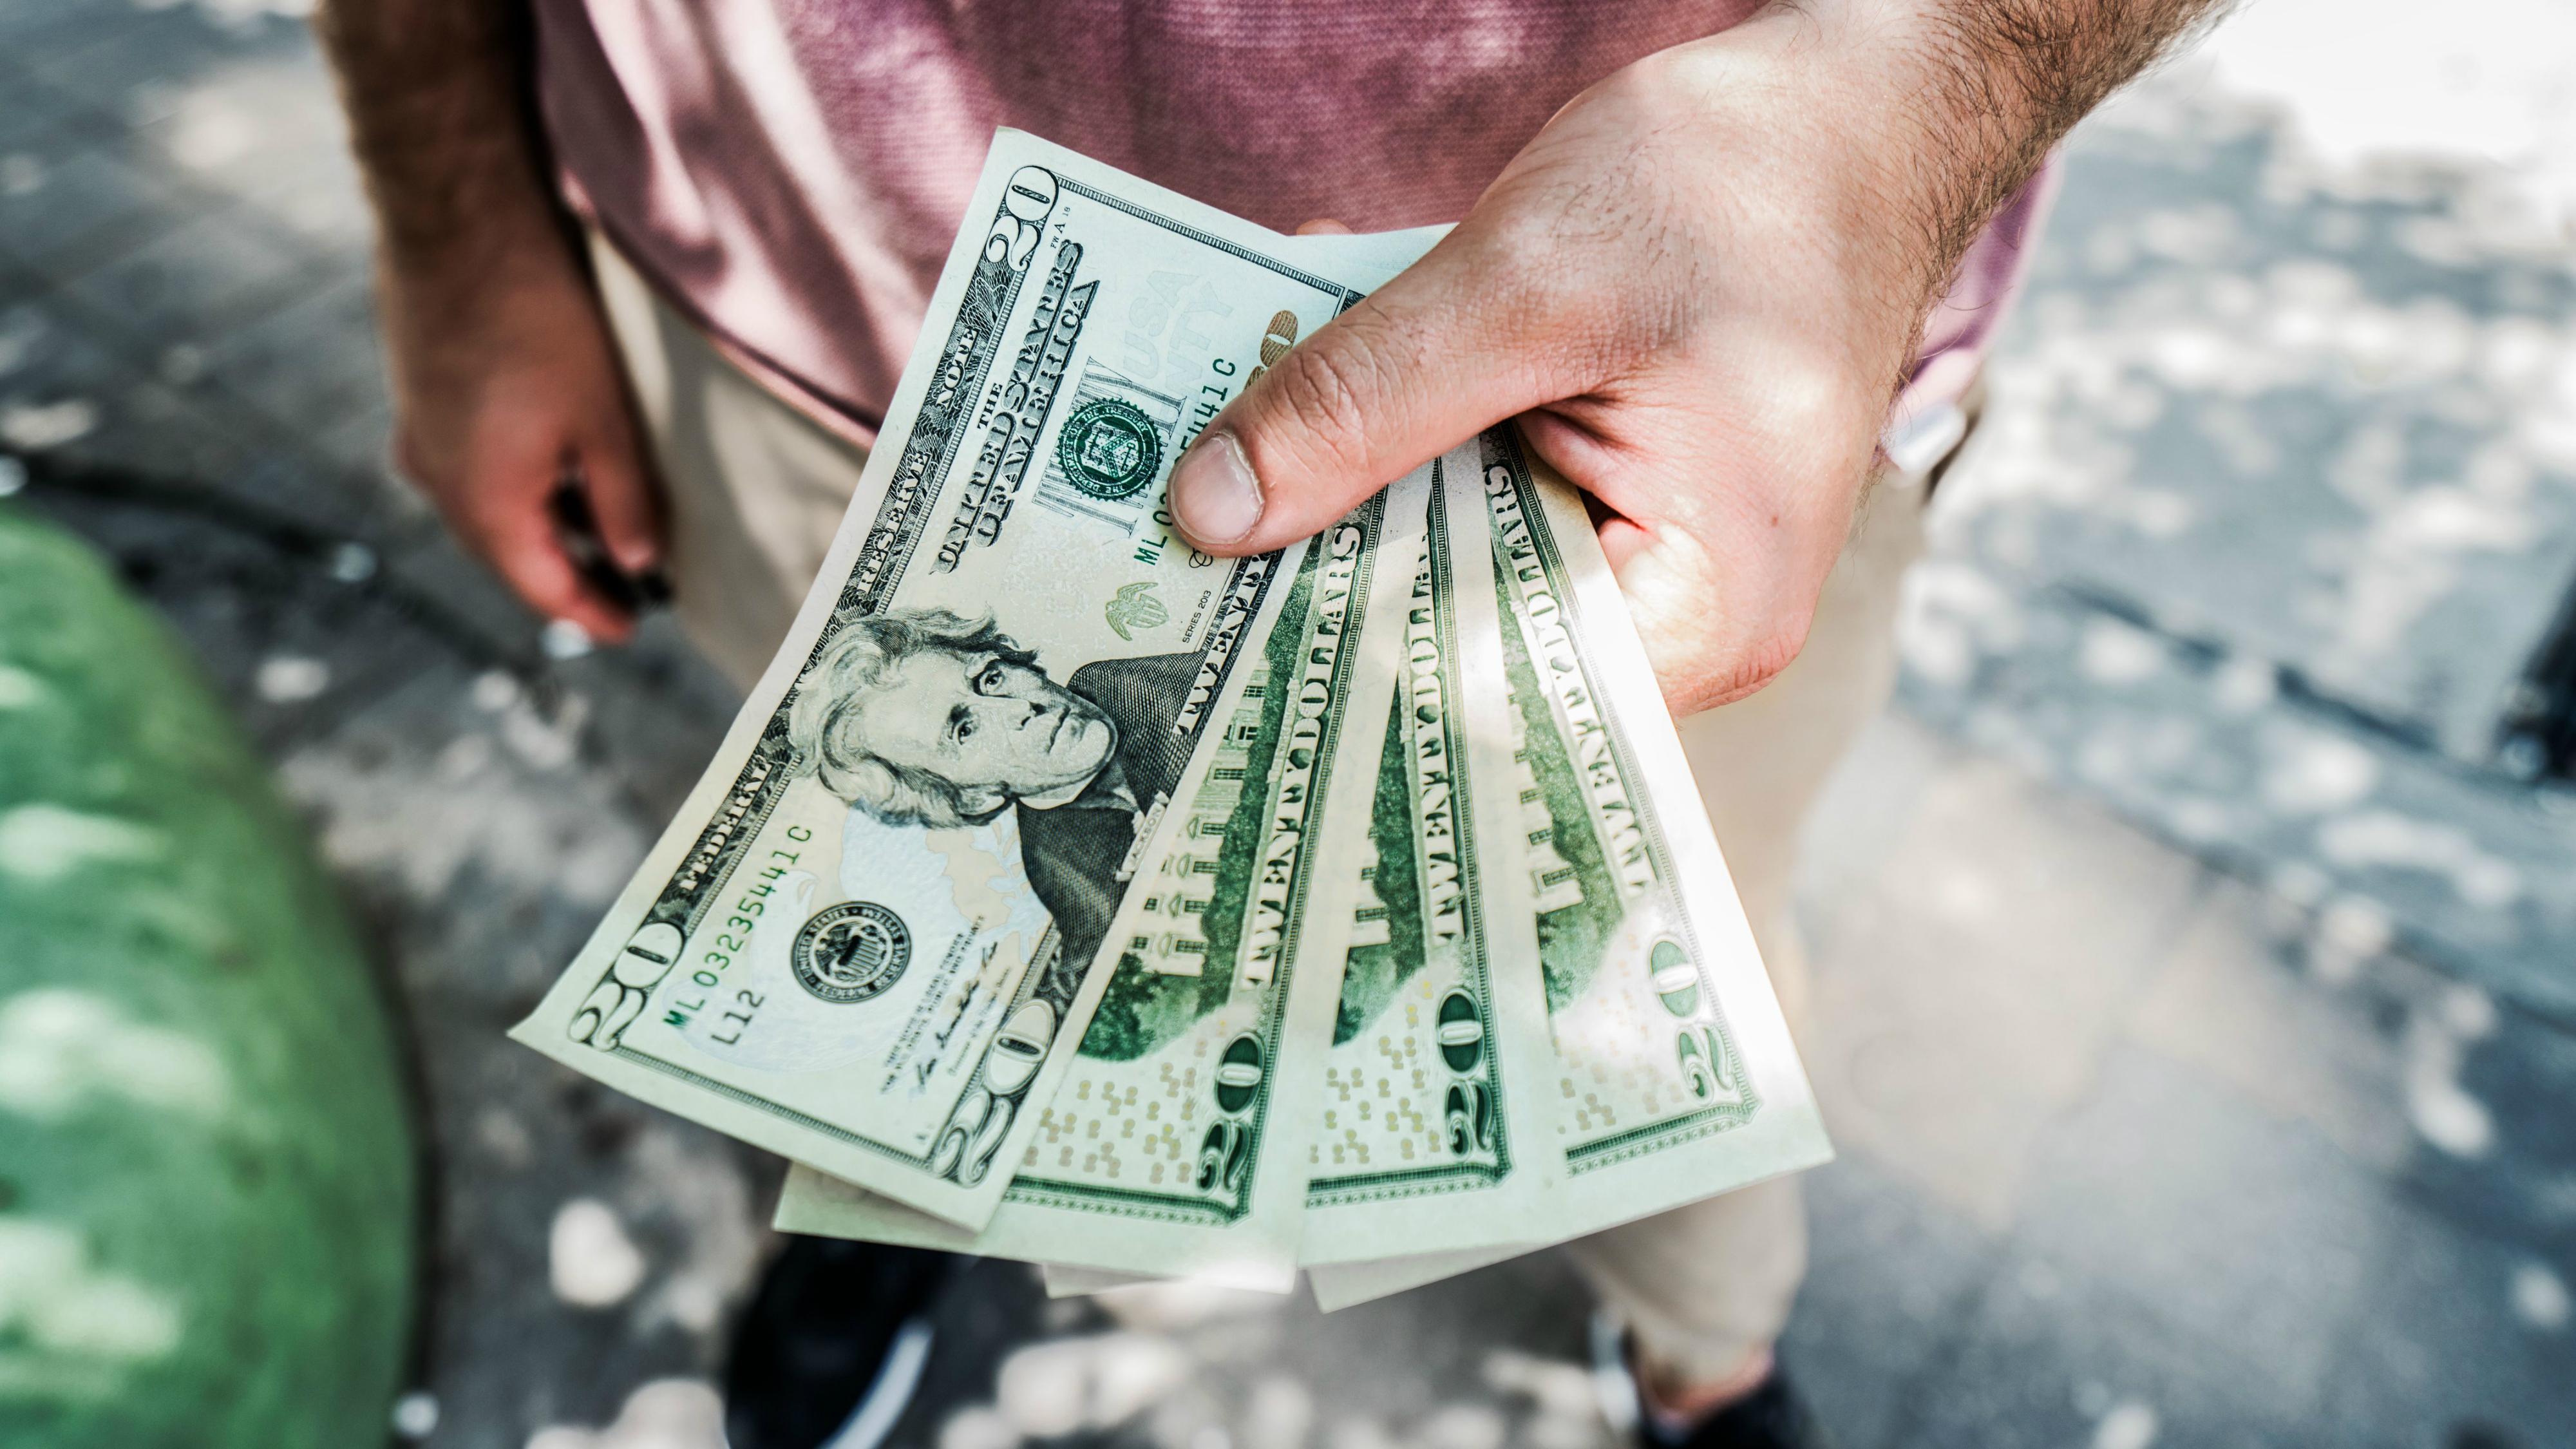 kā var ātri nopelnīt lielu naudu